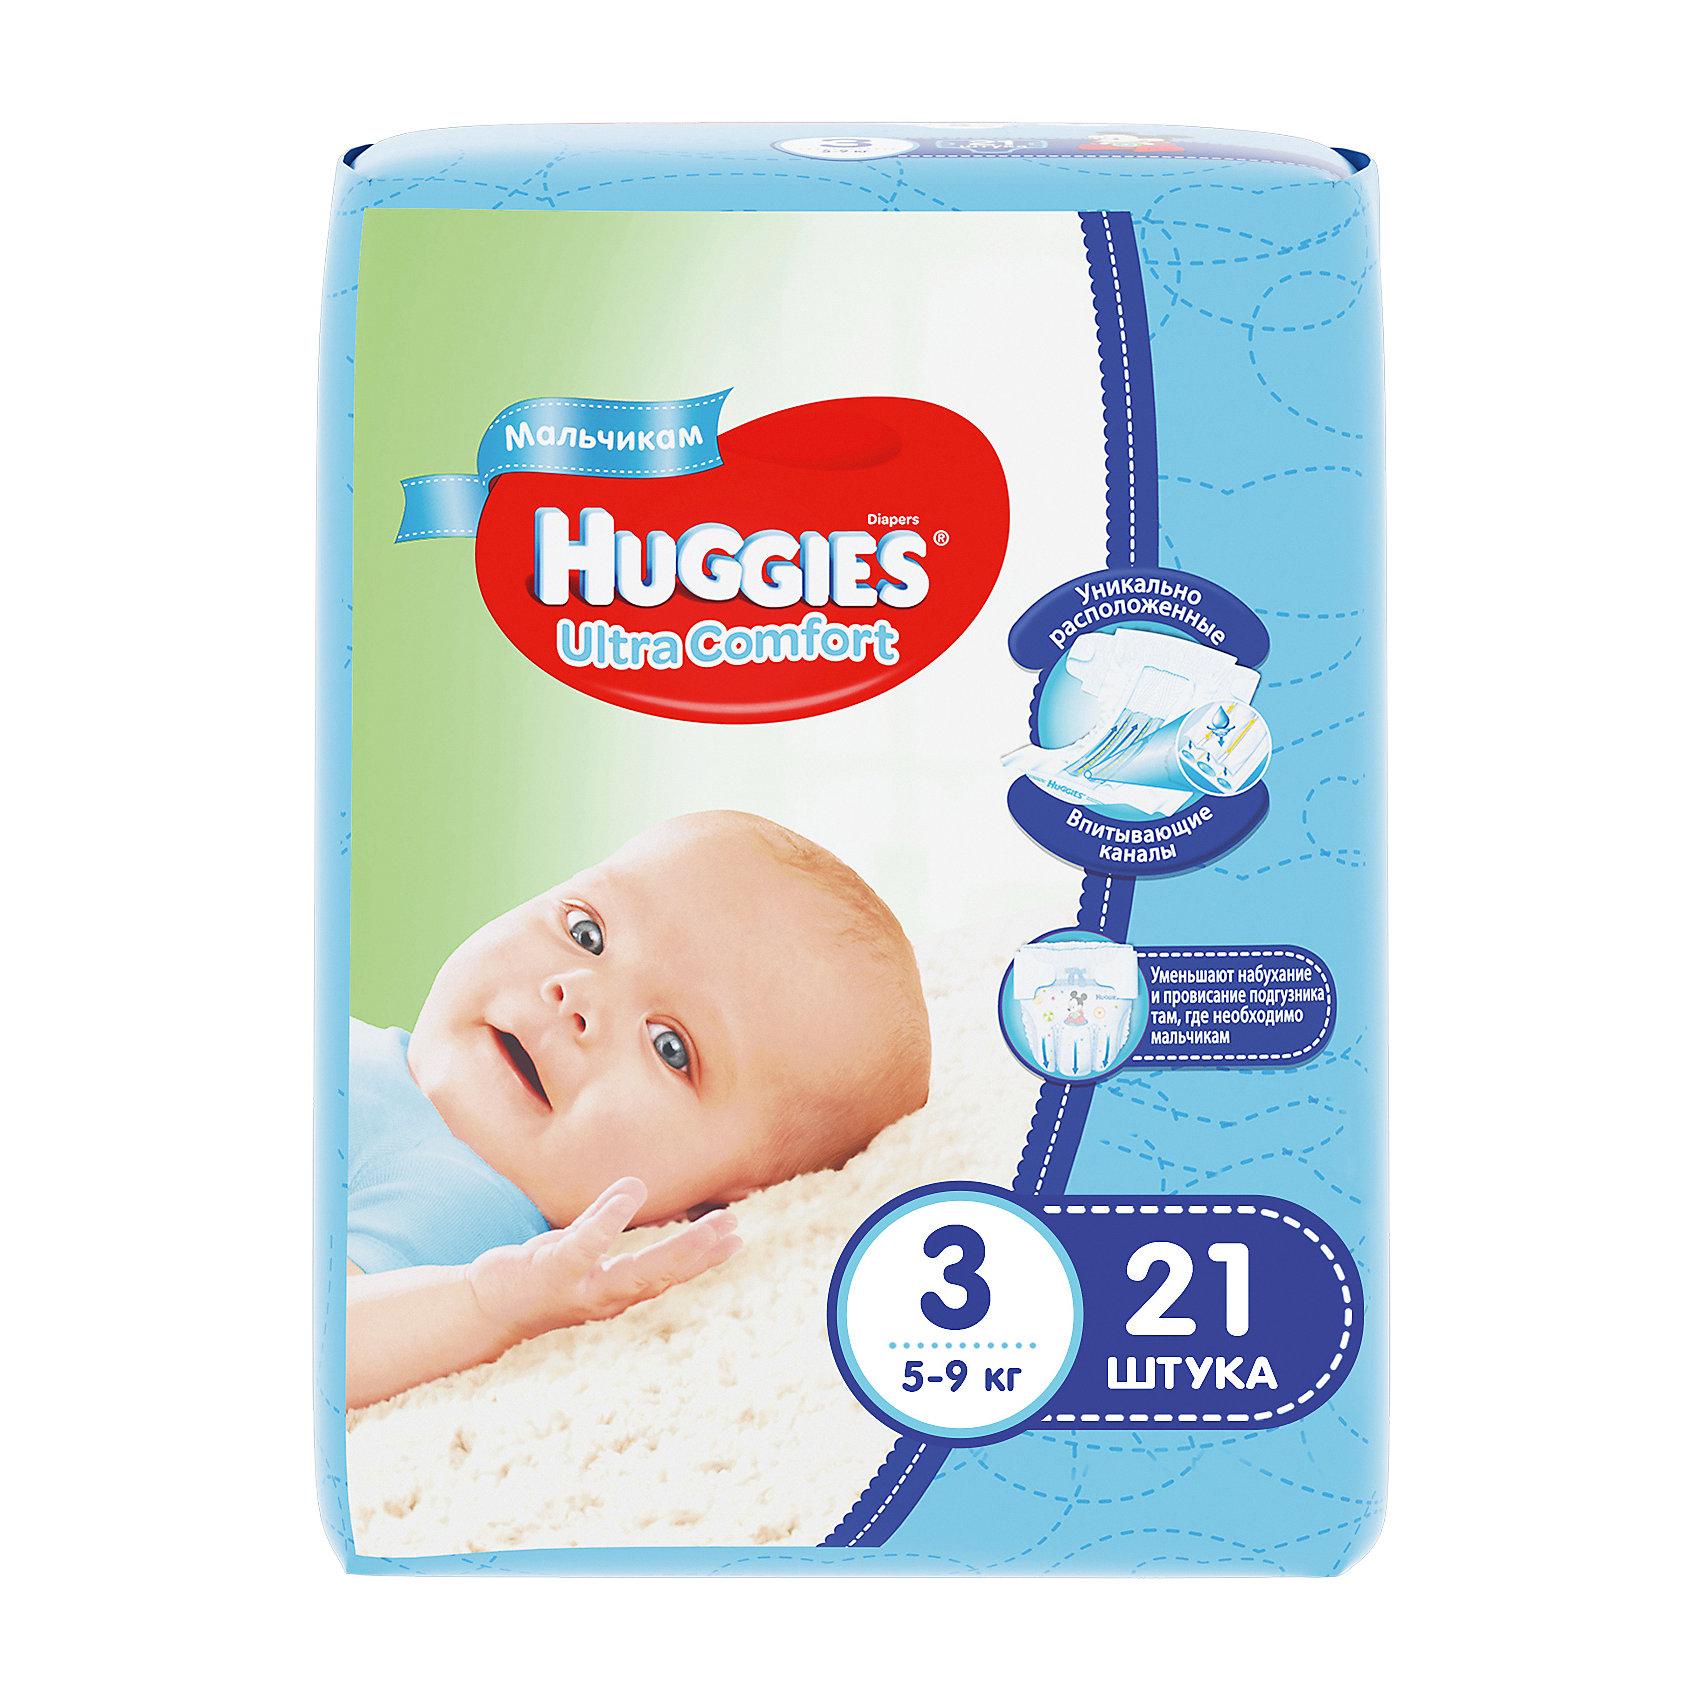 Подгузники Huggies Ultra Comfort 3 для мальчиков, 5-9 кг, 21шт.Подгузники классические<br>Подгузники  Ultra Comfort Huggies созданы специально для мальчишек! <br>Для более быстрого впитывания распределяющий слой в этих подгузниках расположен там, где это нужнее всего. Так же, подгузники изготовлены из специальных мягких материалов с микропорами, которые позволяют коже «дышать». А тянущиеся застежки с закругленными краями надежно фиксируют подгузник, широкий эластичный пояс позволяет малышам  свободно двигаться.<br><br>А яркий дизайн будет постоянно радовать маленького модника!<br><br>Дополнительна информация:<br><br>- Возраст: с рождения.<br>- Вес ребенка: от 5 до 9 кг.<br>- Кол-во в упаковке: 21 шт.<br>- Вес в упаковке: 609 г.<br><br>Купить подгузники Ultra Comfort для мальчиков 3 от Huggies, можно в нашем магазине.<br><br>Ширина мм: 205<br>Глубина мм: 149<br>Высота мм: 110<br>Вес г: 609<br>Возраст от месяцев: 0<br>Возраст до месяцев: 9<br>Пол: Мужской<br>Возраст: Детский<br>SKU: 4861820